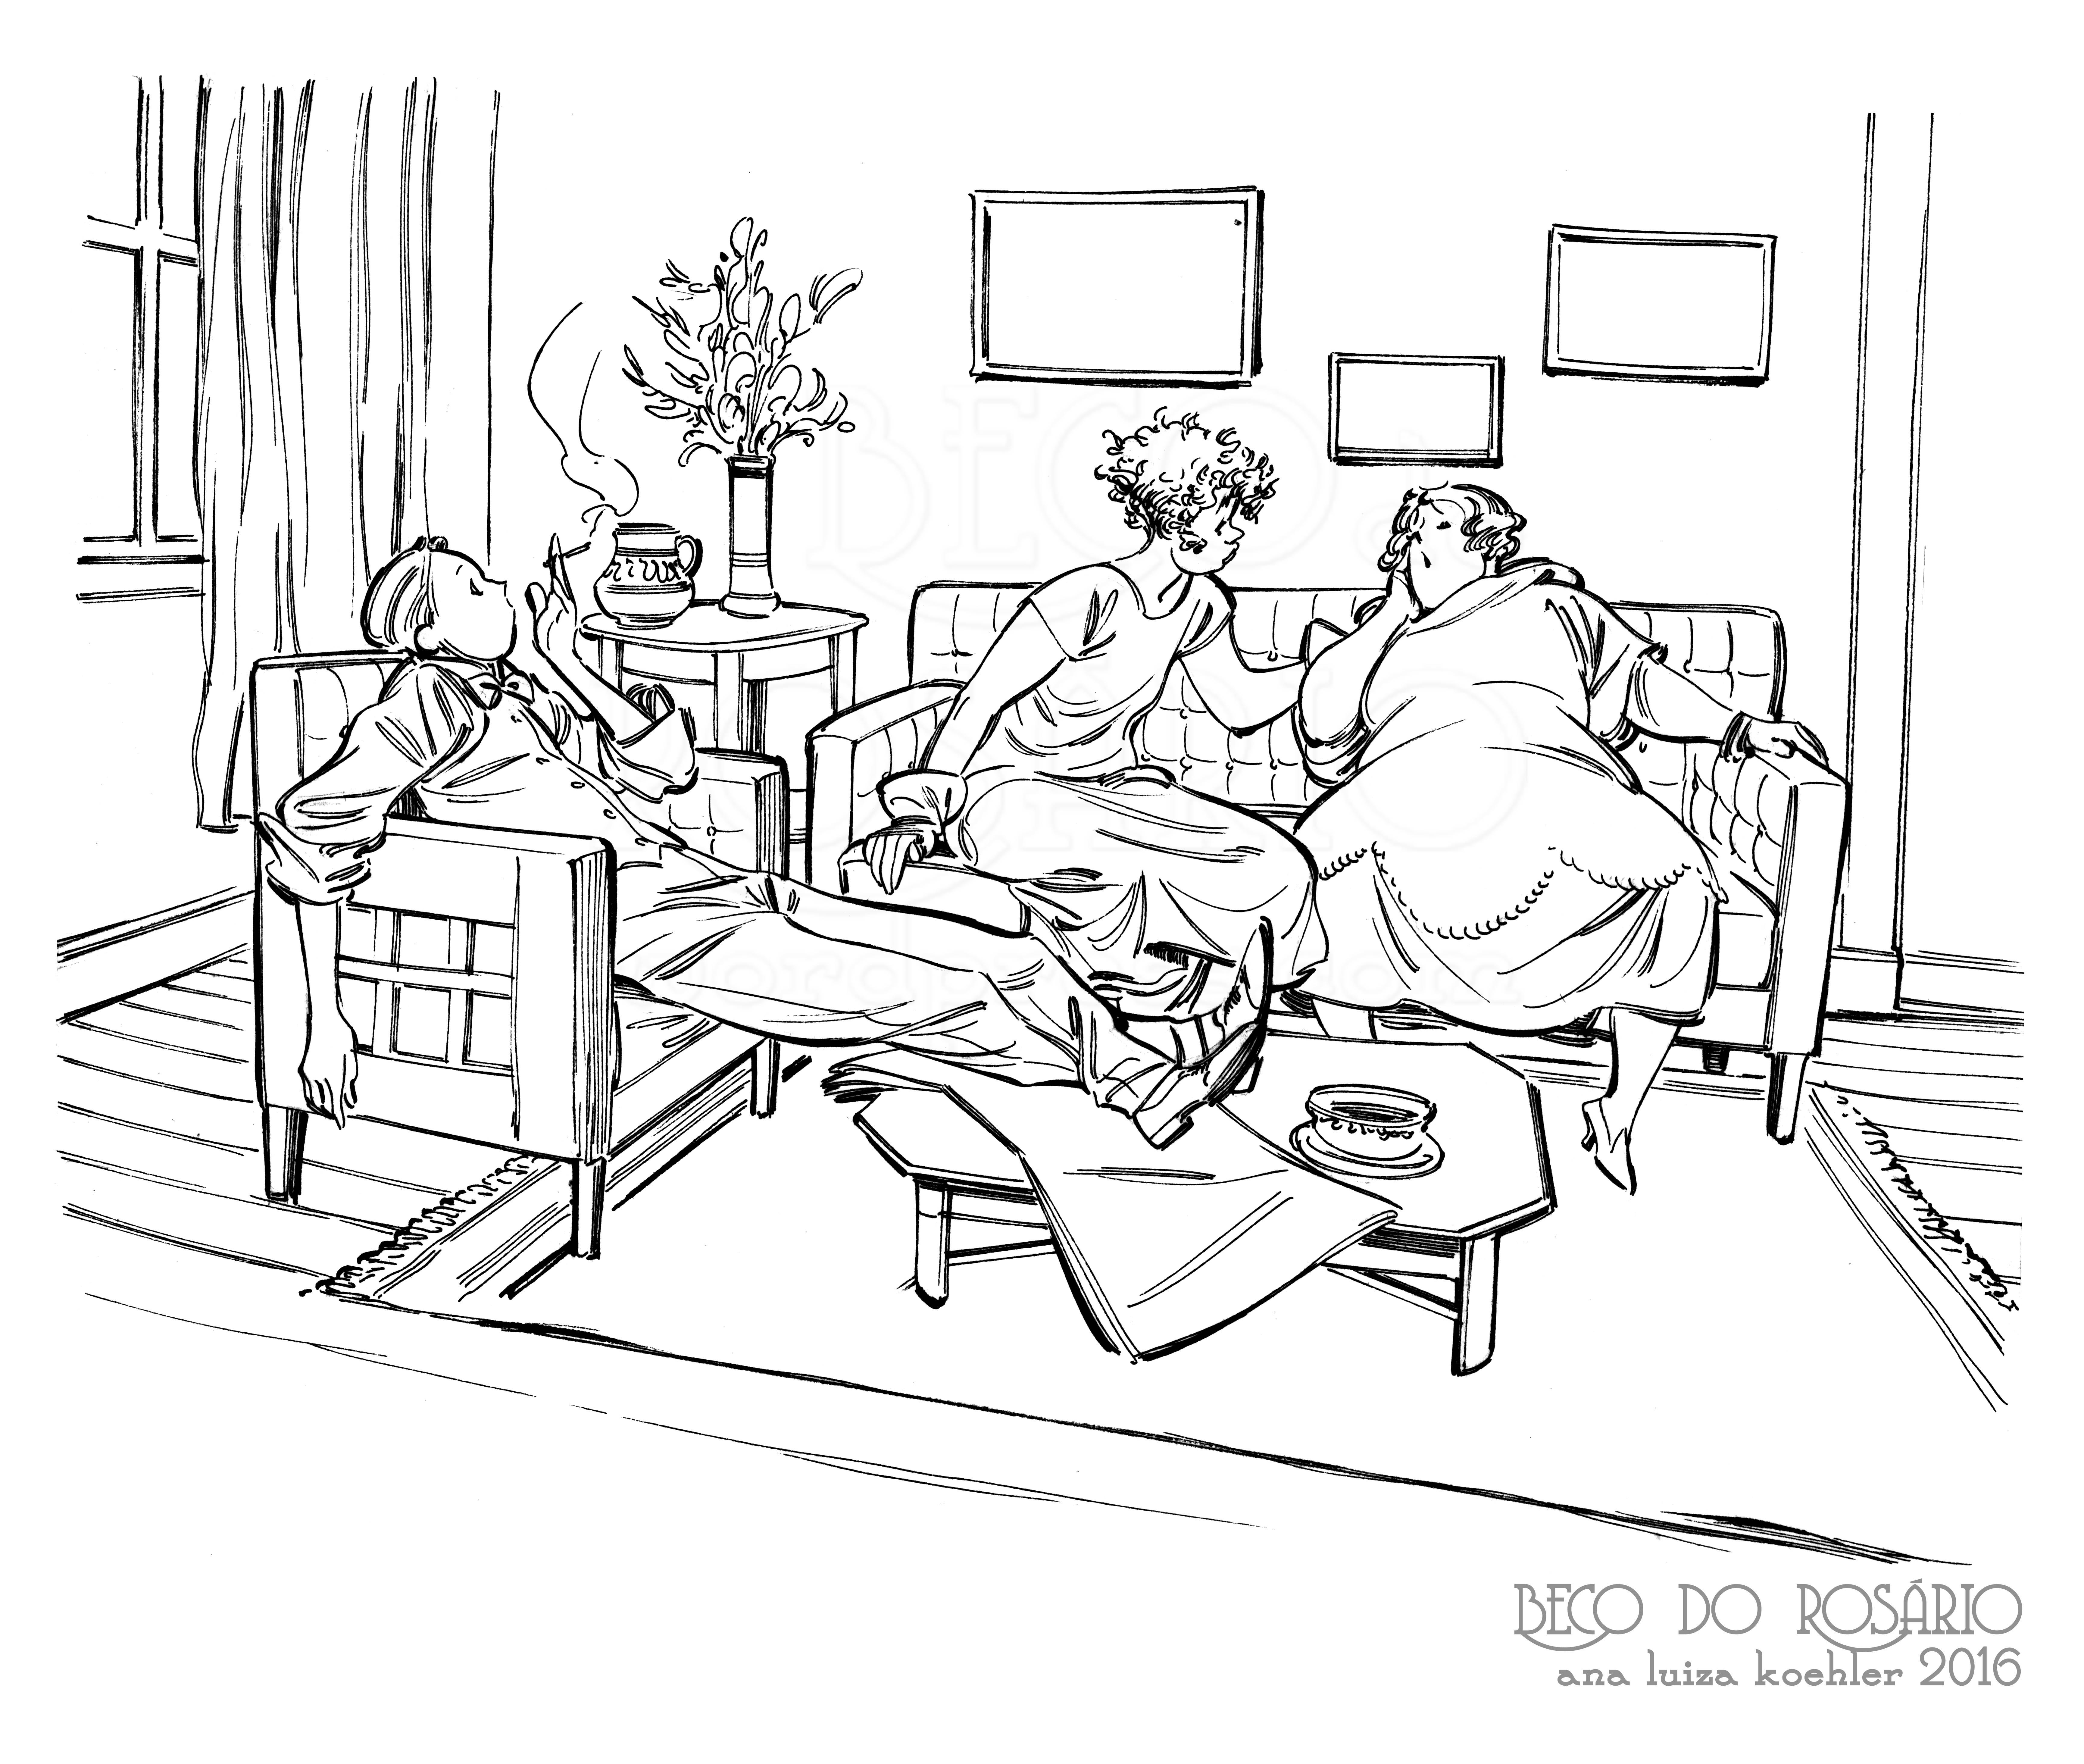 Sketchbook_canson100g_A4_cenários_correio_do_povo_w